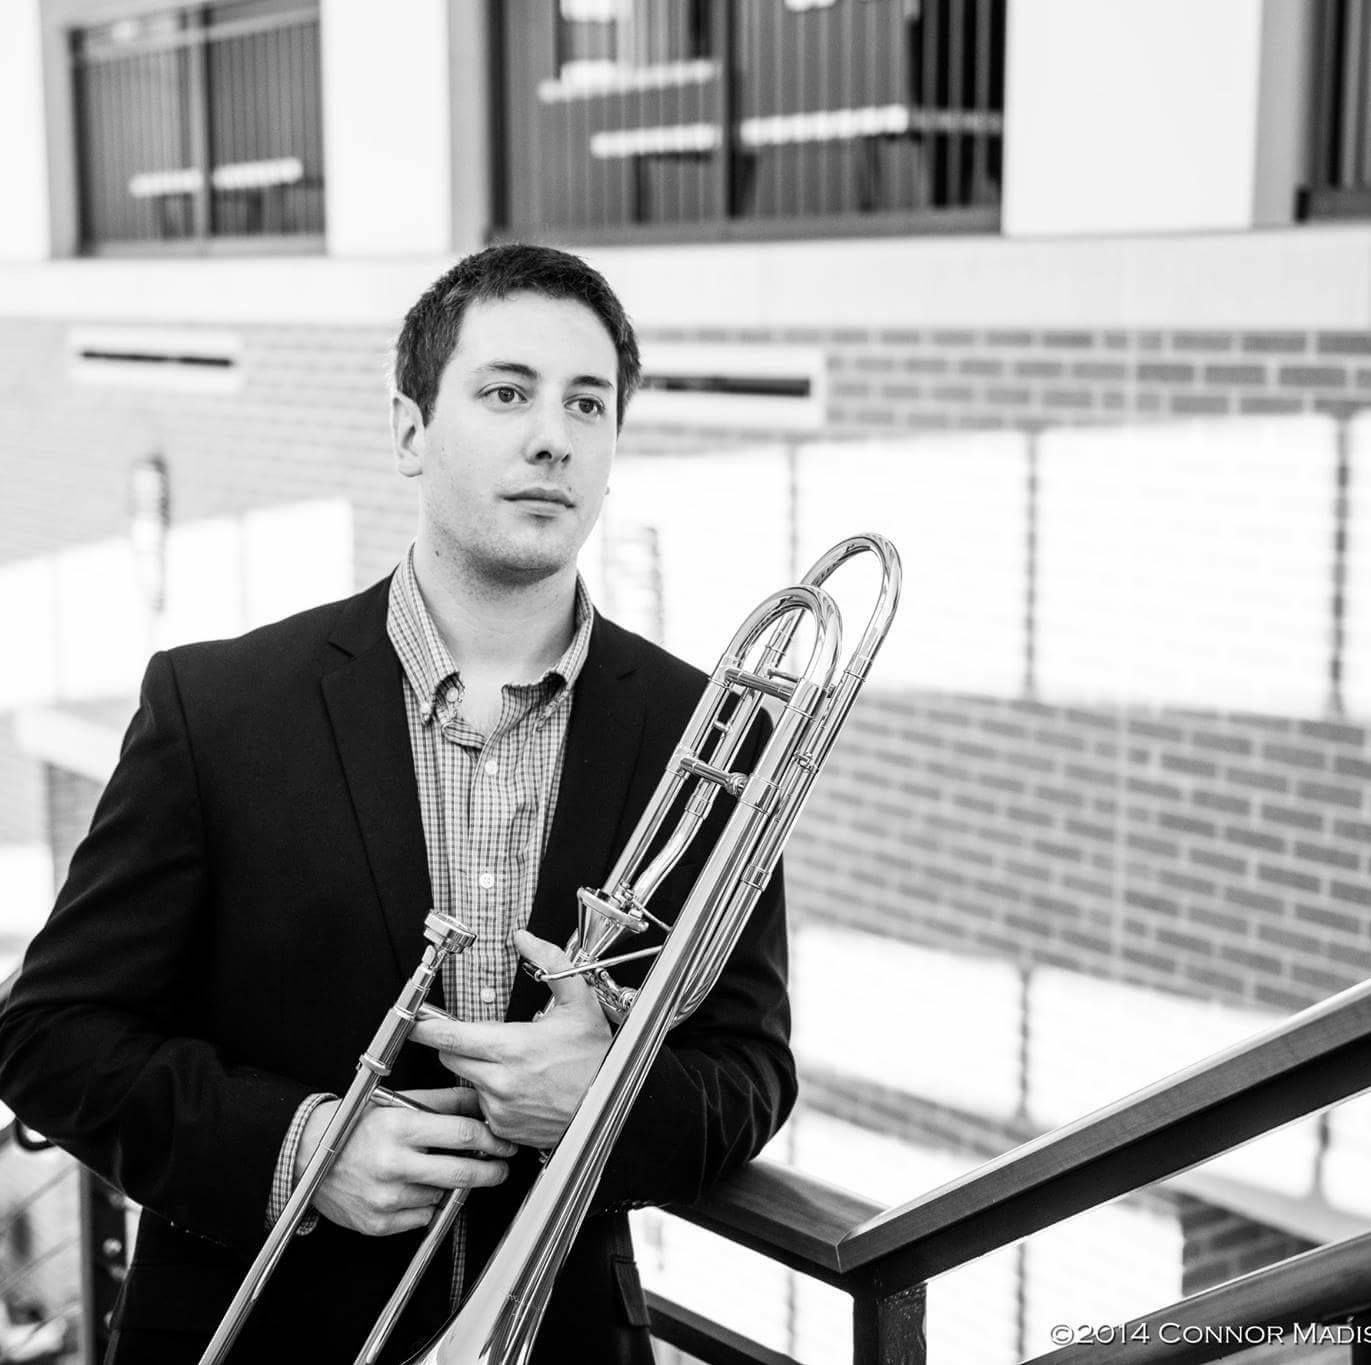 BookLive - Jared Judge | Violin Viola Percussion Conductor Voice